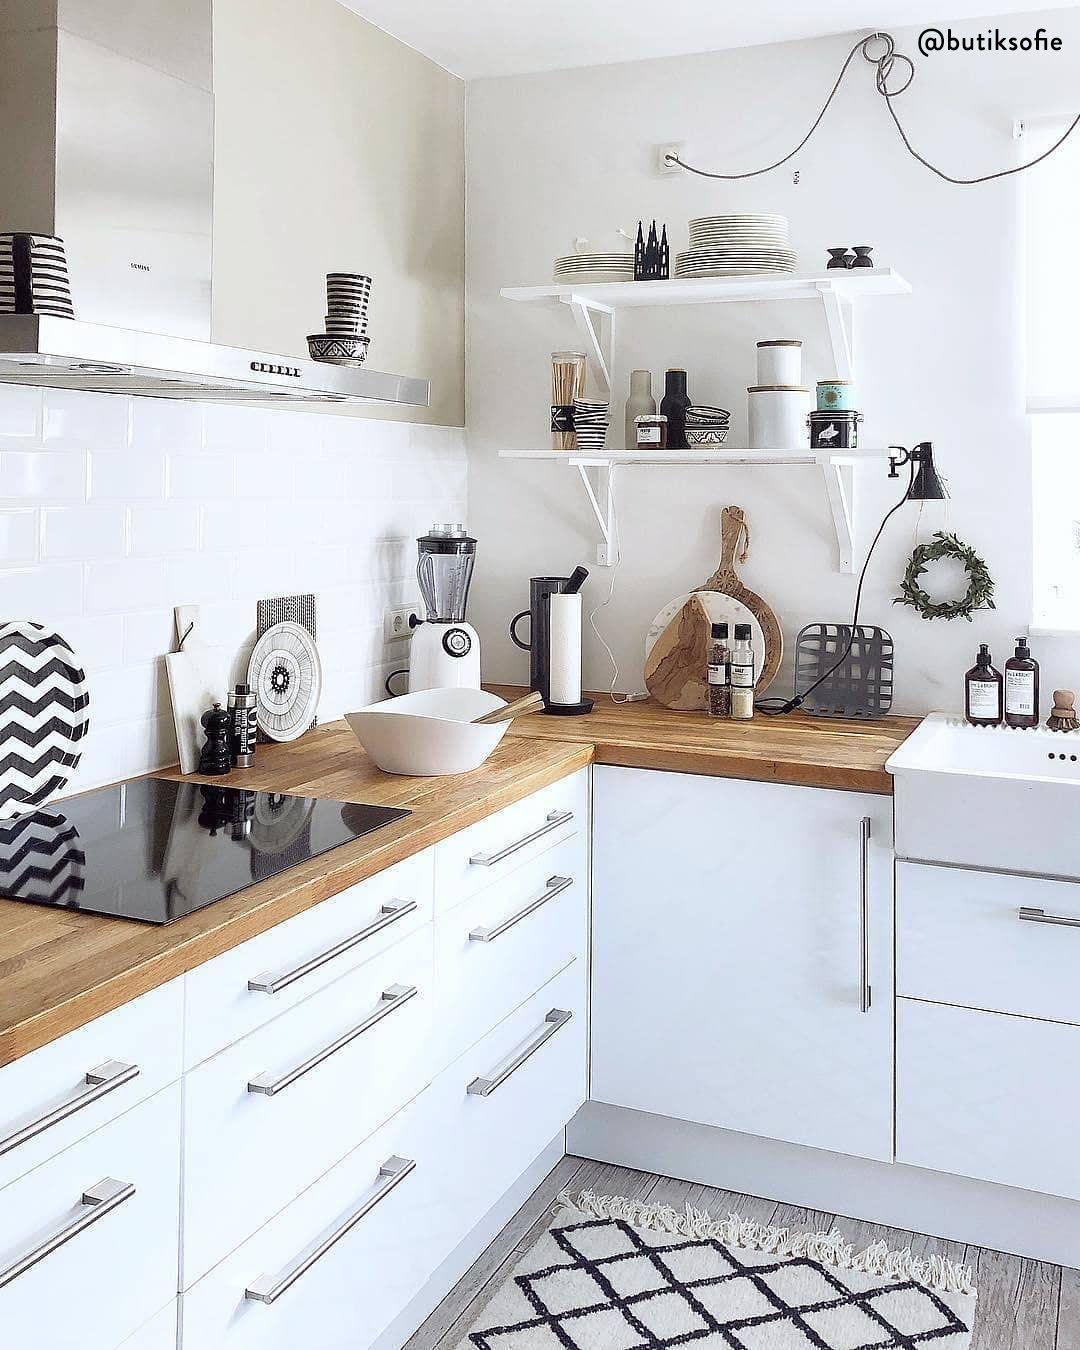 Cucina Moderna Con Un Tocco Rustico Il Bianco Ed Il Legno Sono Una Scelta Vincente Per Chi Vuole Un Amb Arredo Interni Cucina Cucina Moderna Arredamento Casa